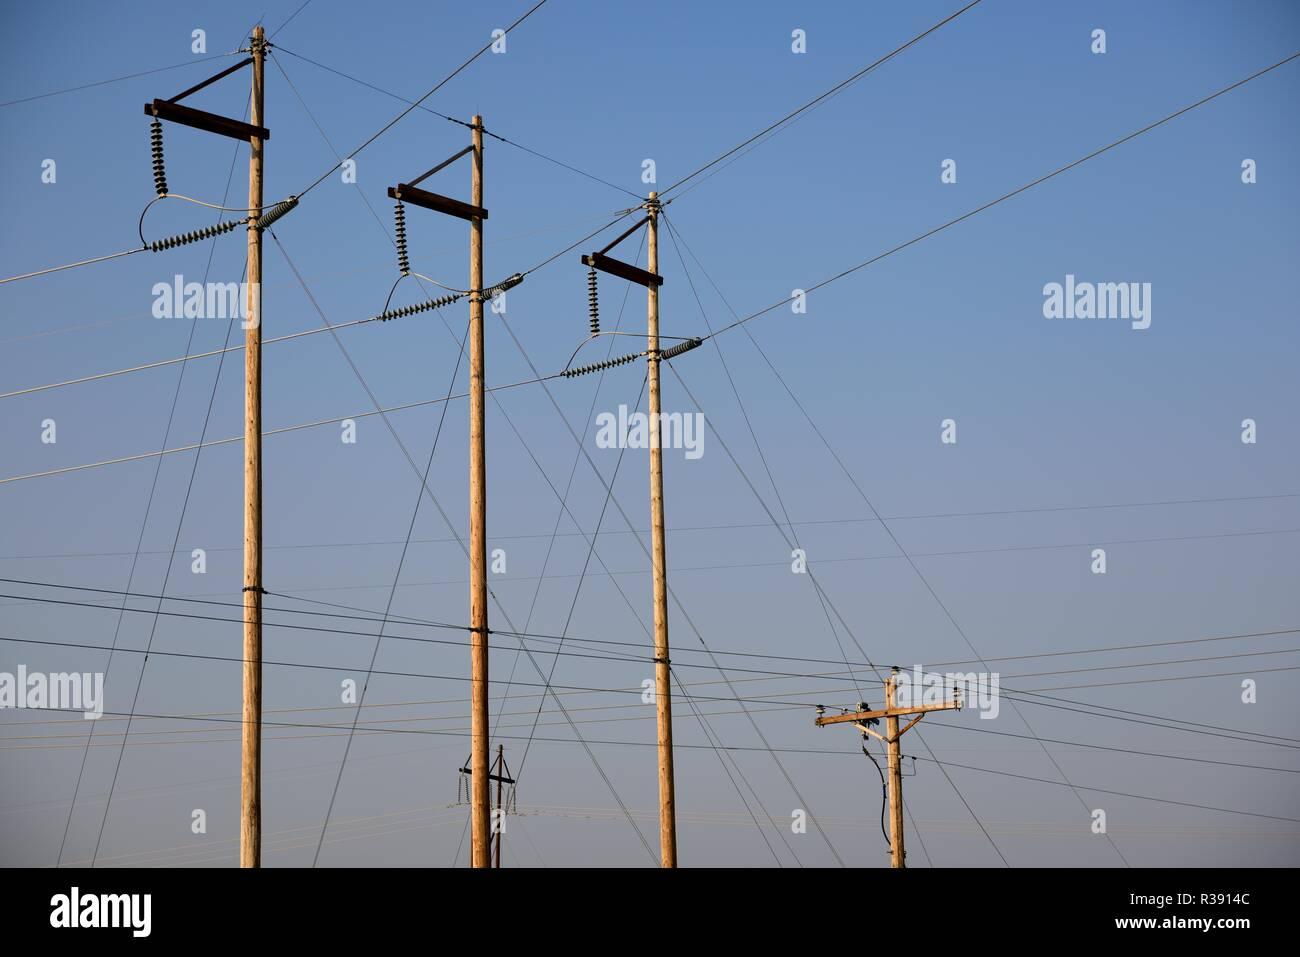 Elektrische Unterstation utility Pole und Overhead Hochspannungsnetzteil Linien in Wyoming/USA. Stockbild